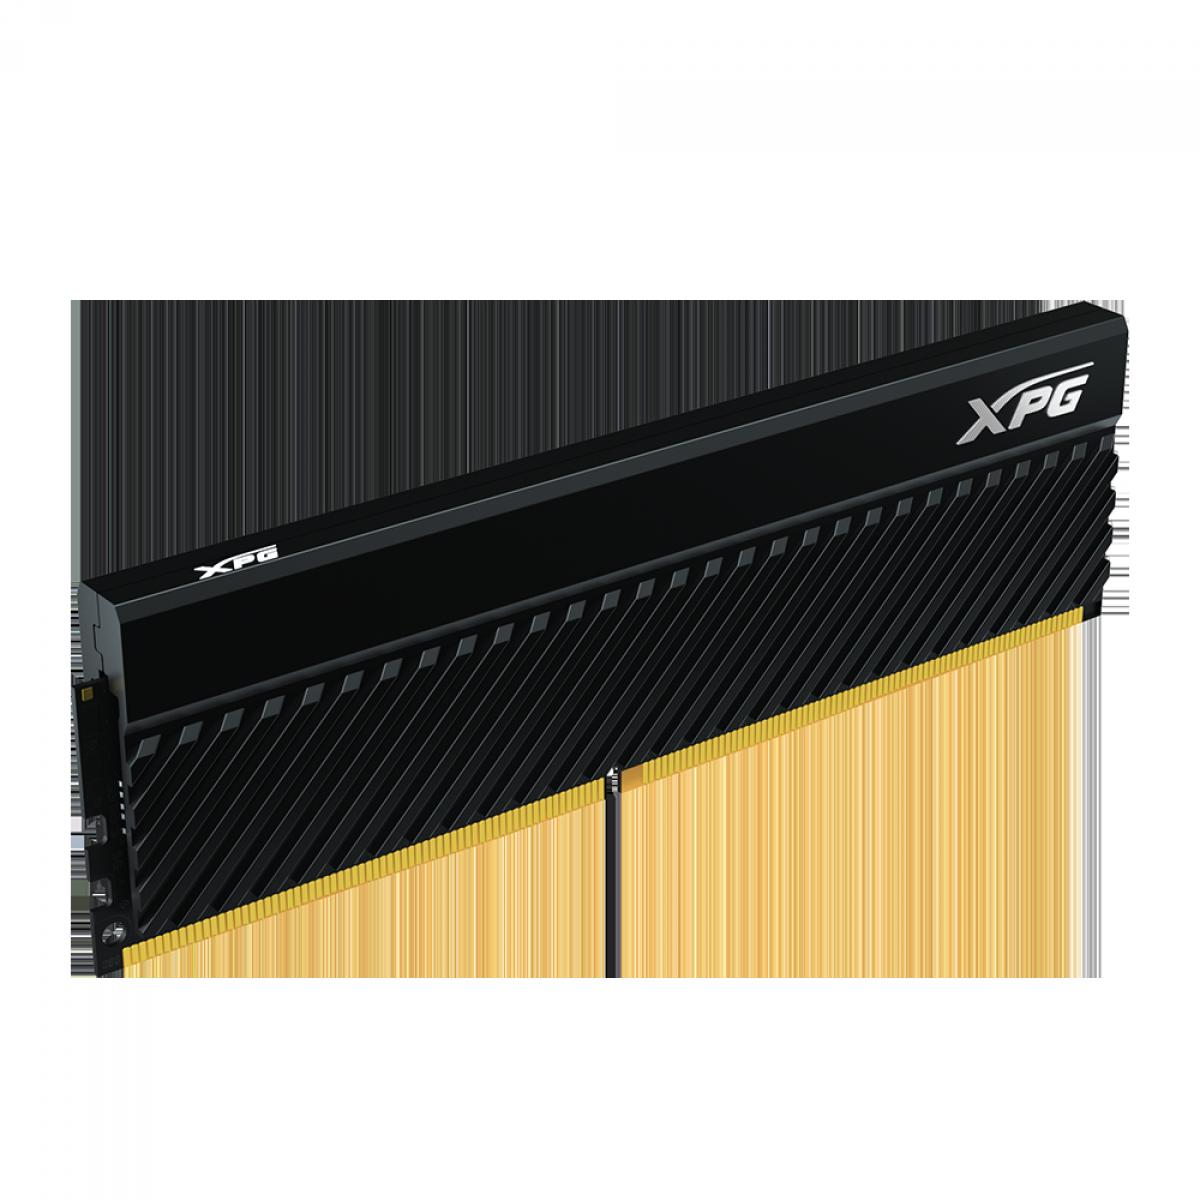 Memória DDR4 XPG Gammix D45, 16GB (2x8GB), 3200MHz, Black, AX4U32008G16A-DCBKD45